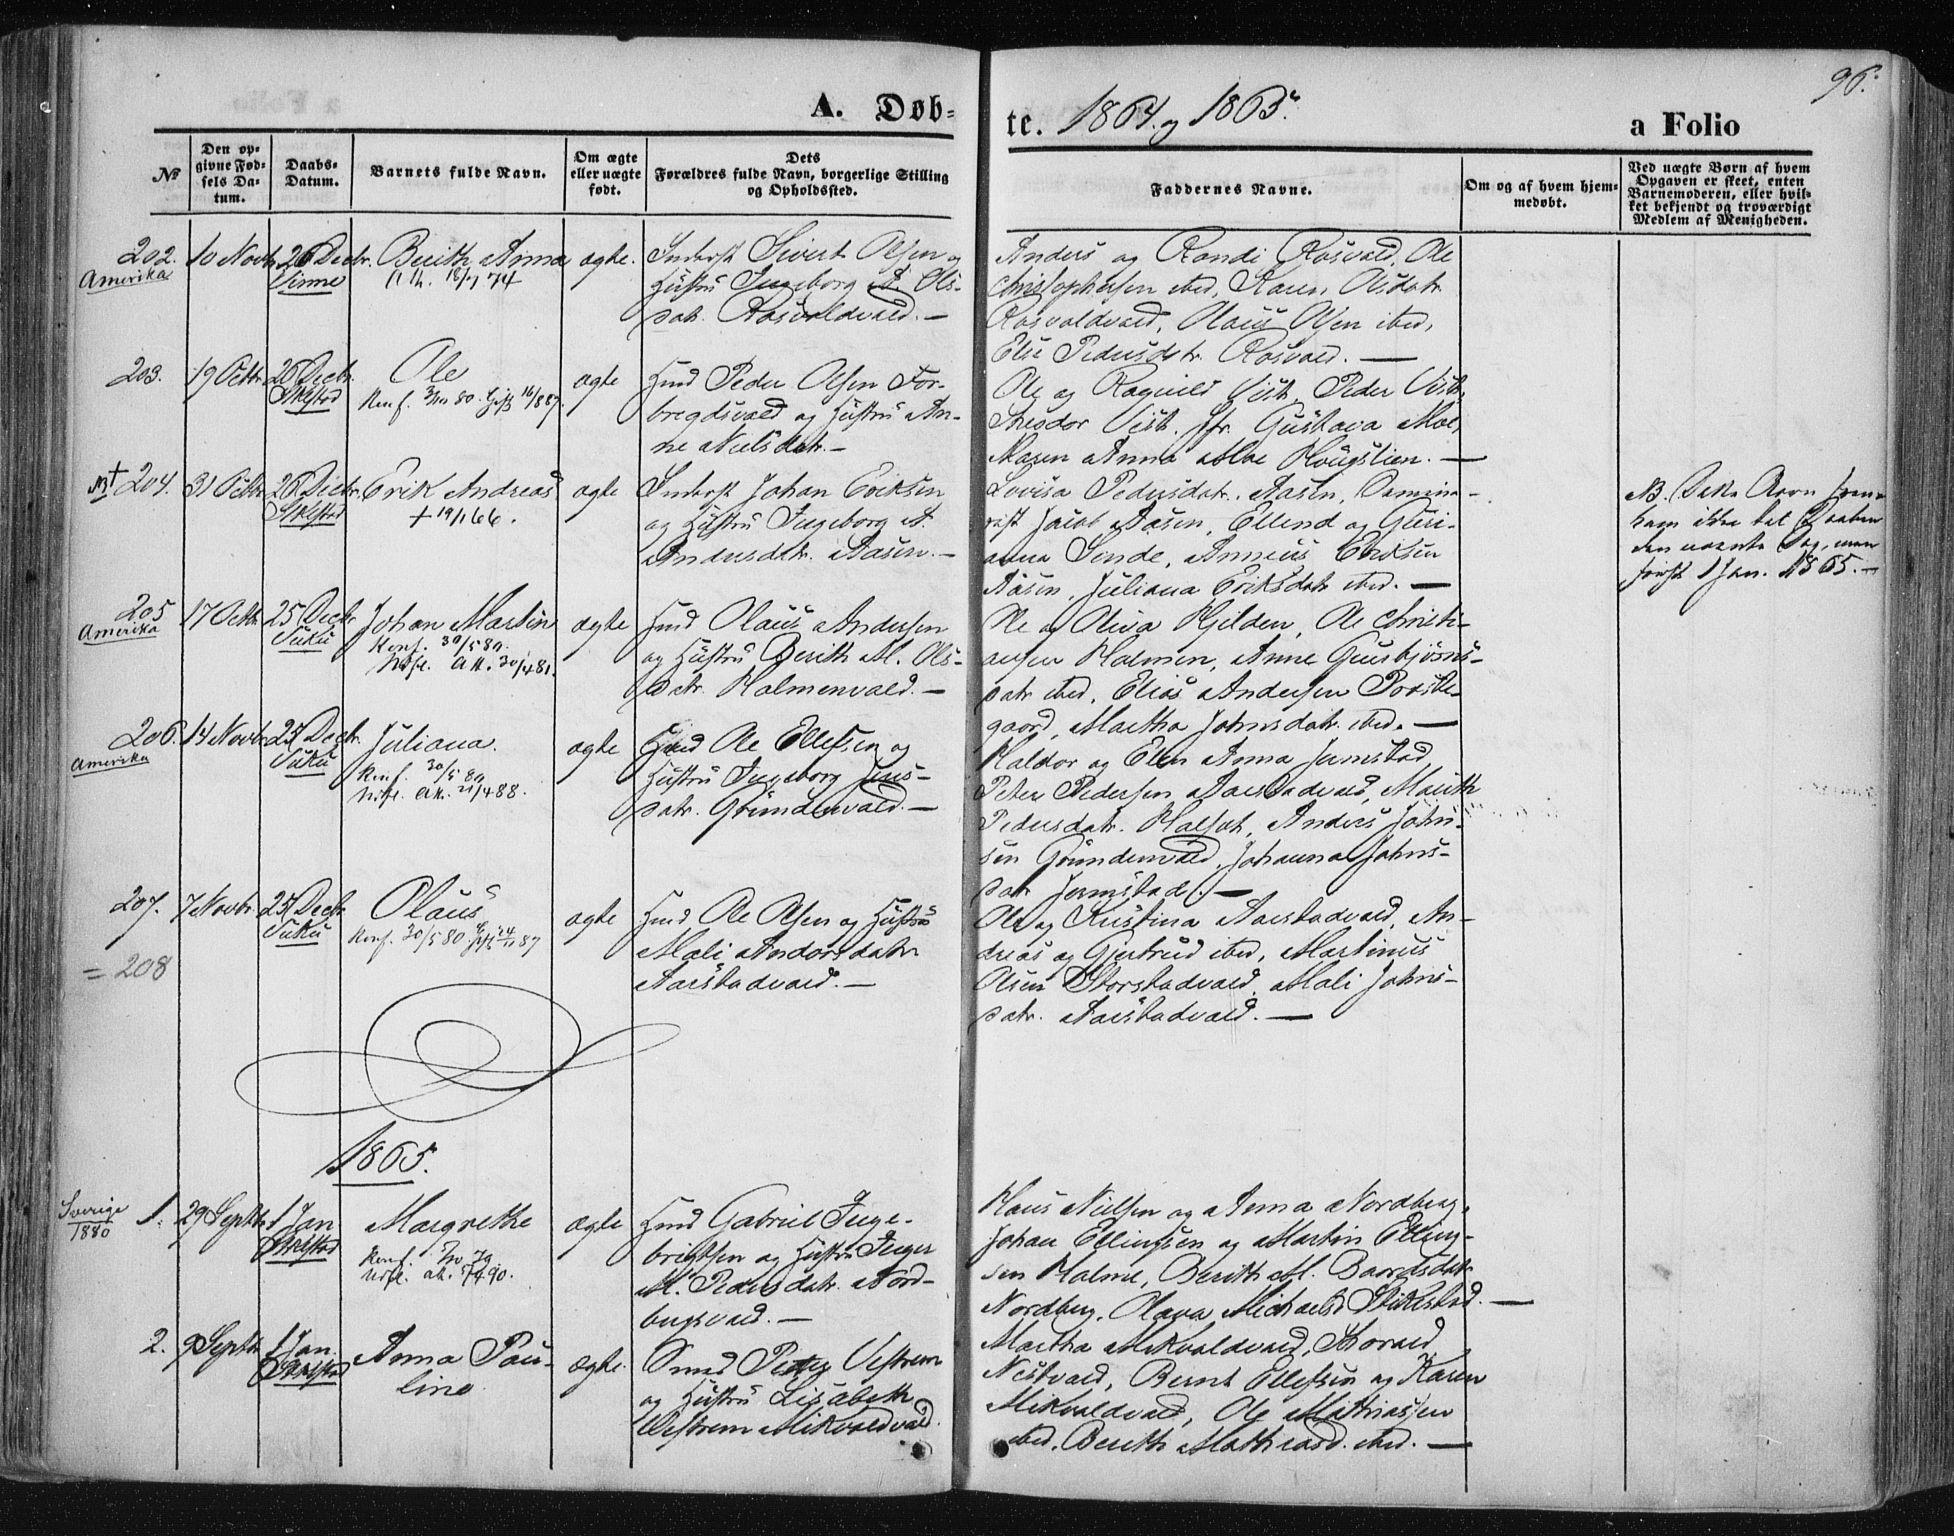 SAT, Ministerialprotokoller, klokkerbøker og fødselsregistre - Nord-Trøndelag, 723/L0241: Ministerialbok nr. 723A10, 1860-1869, s. 96